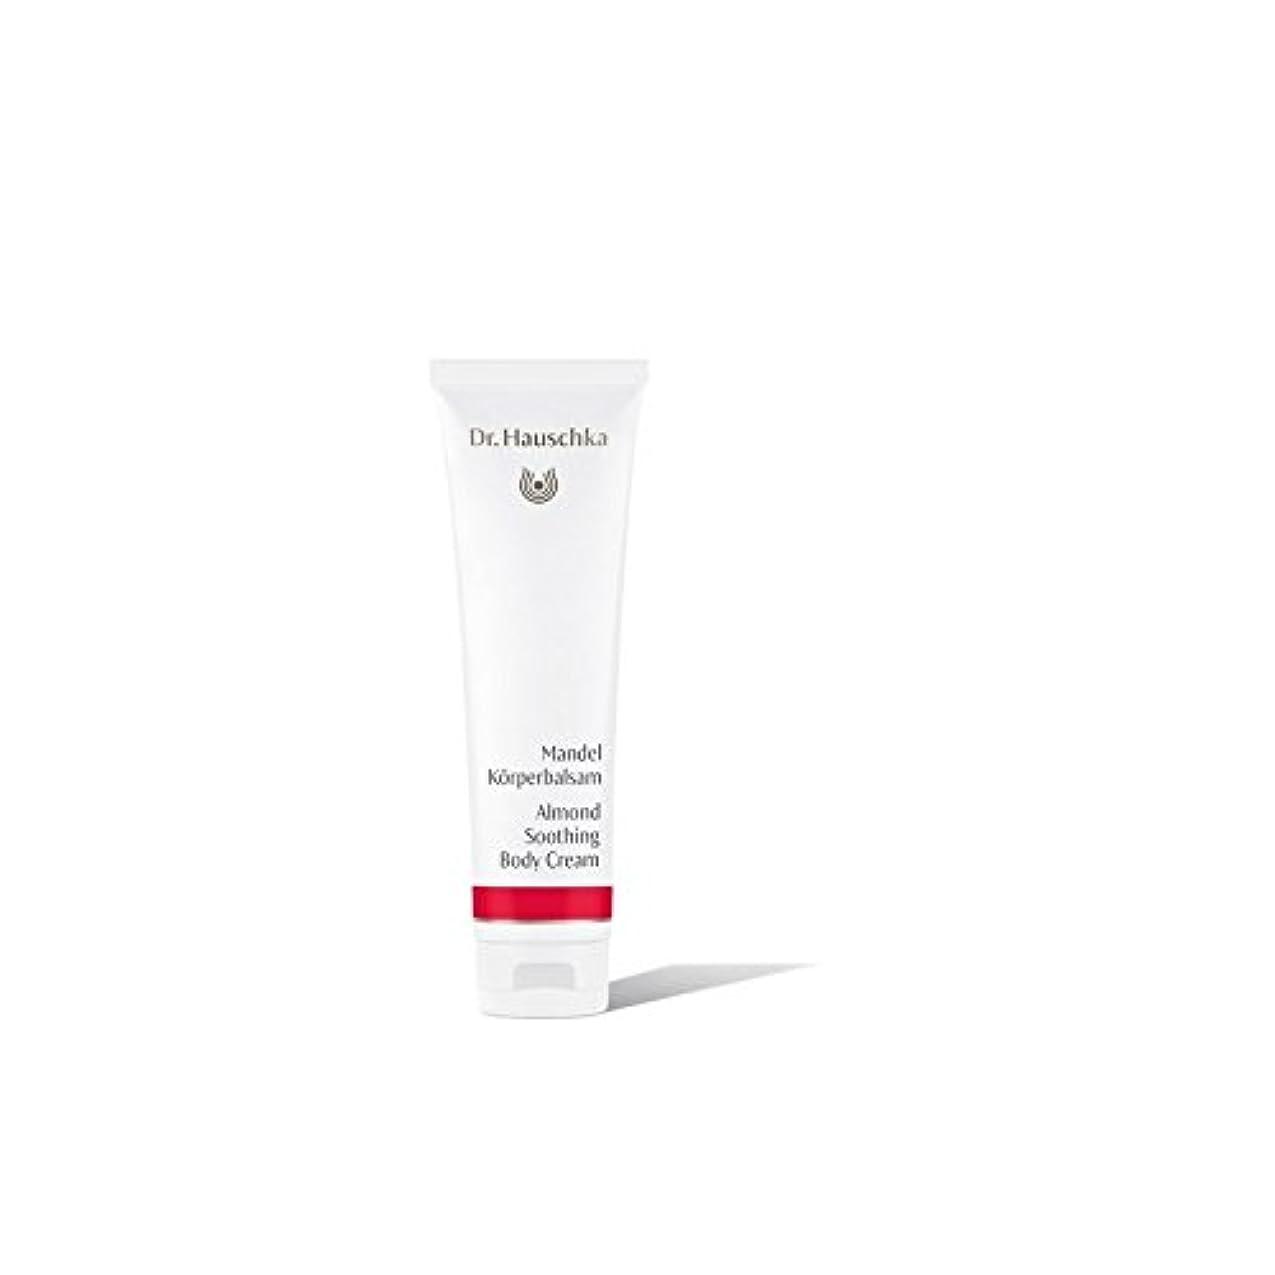 ダルセットビルダー哀れなハウシュカアーモンドなだめるボディクリーム(145ミリリットル) x2 - Dr. Hauschka Almond Soothing Body Cream (145ml) (Pack of 2) [並行輸入品]